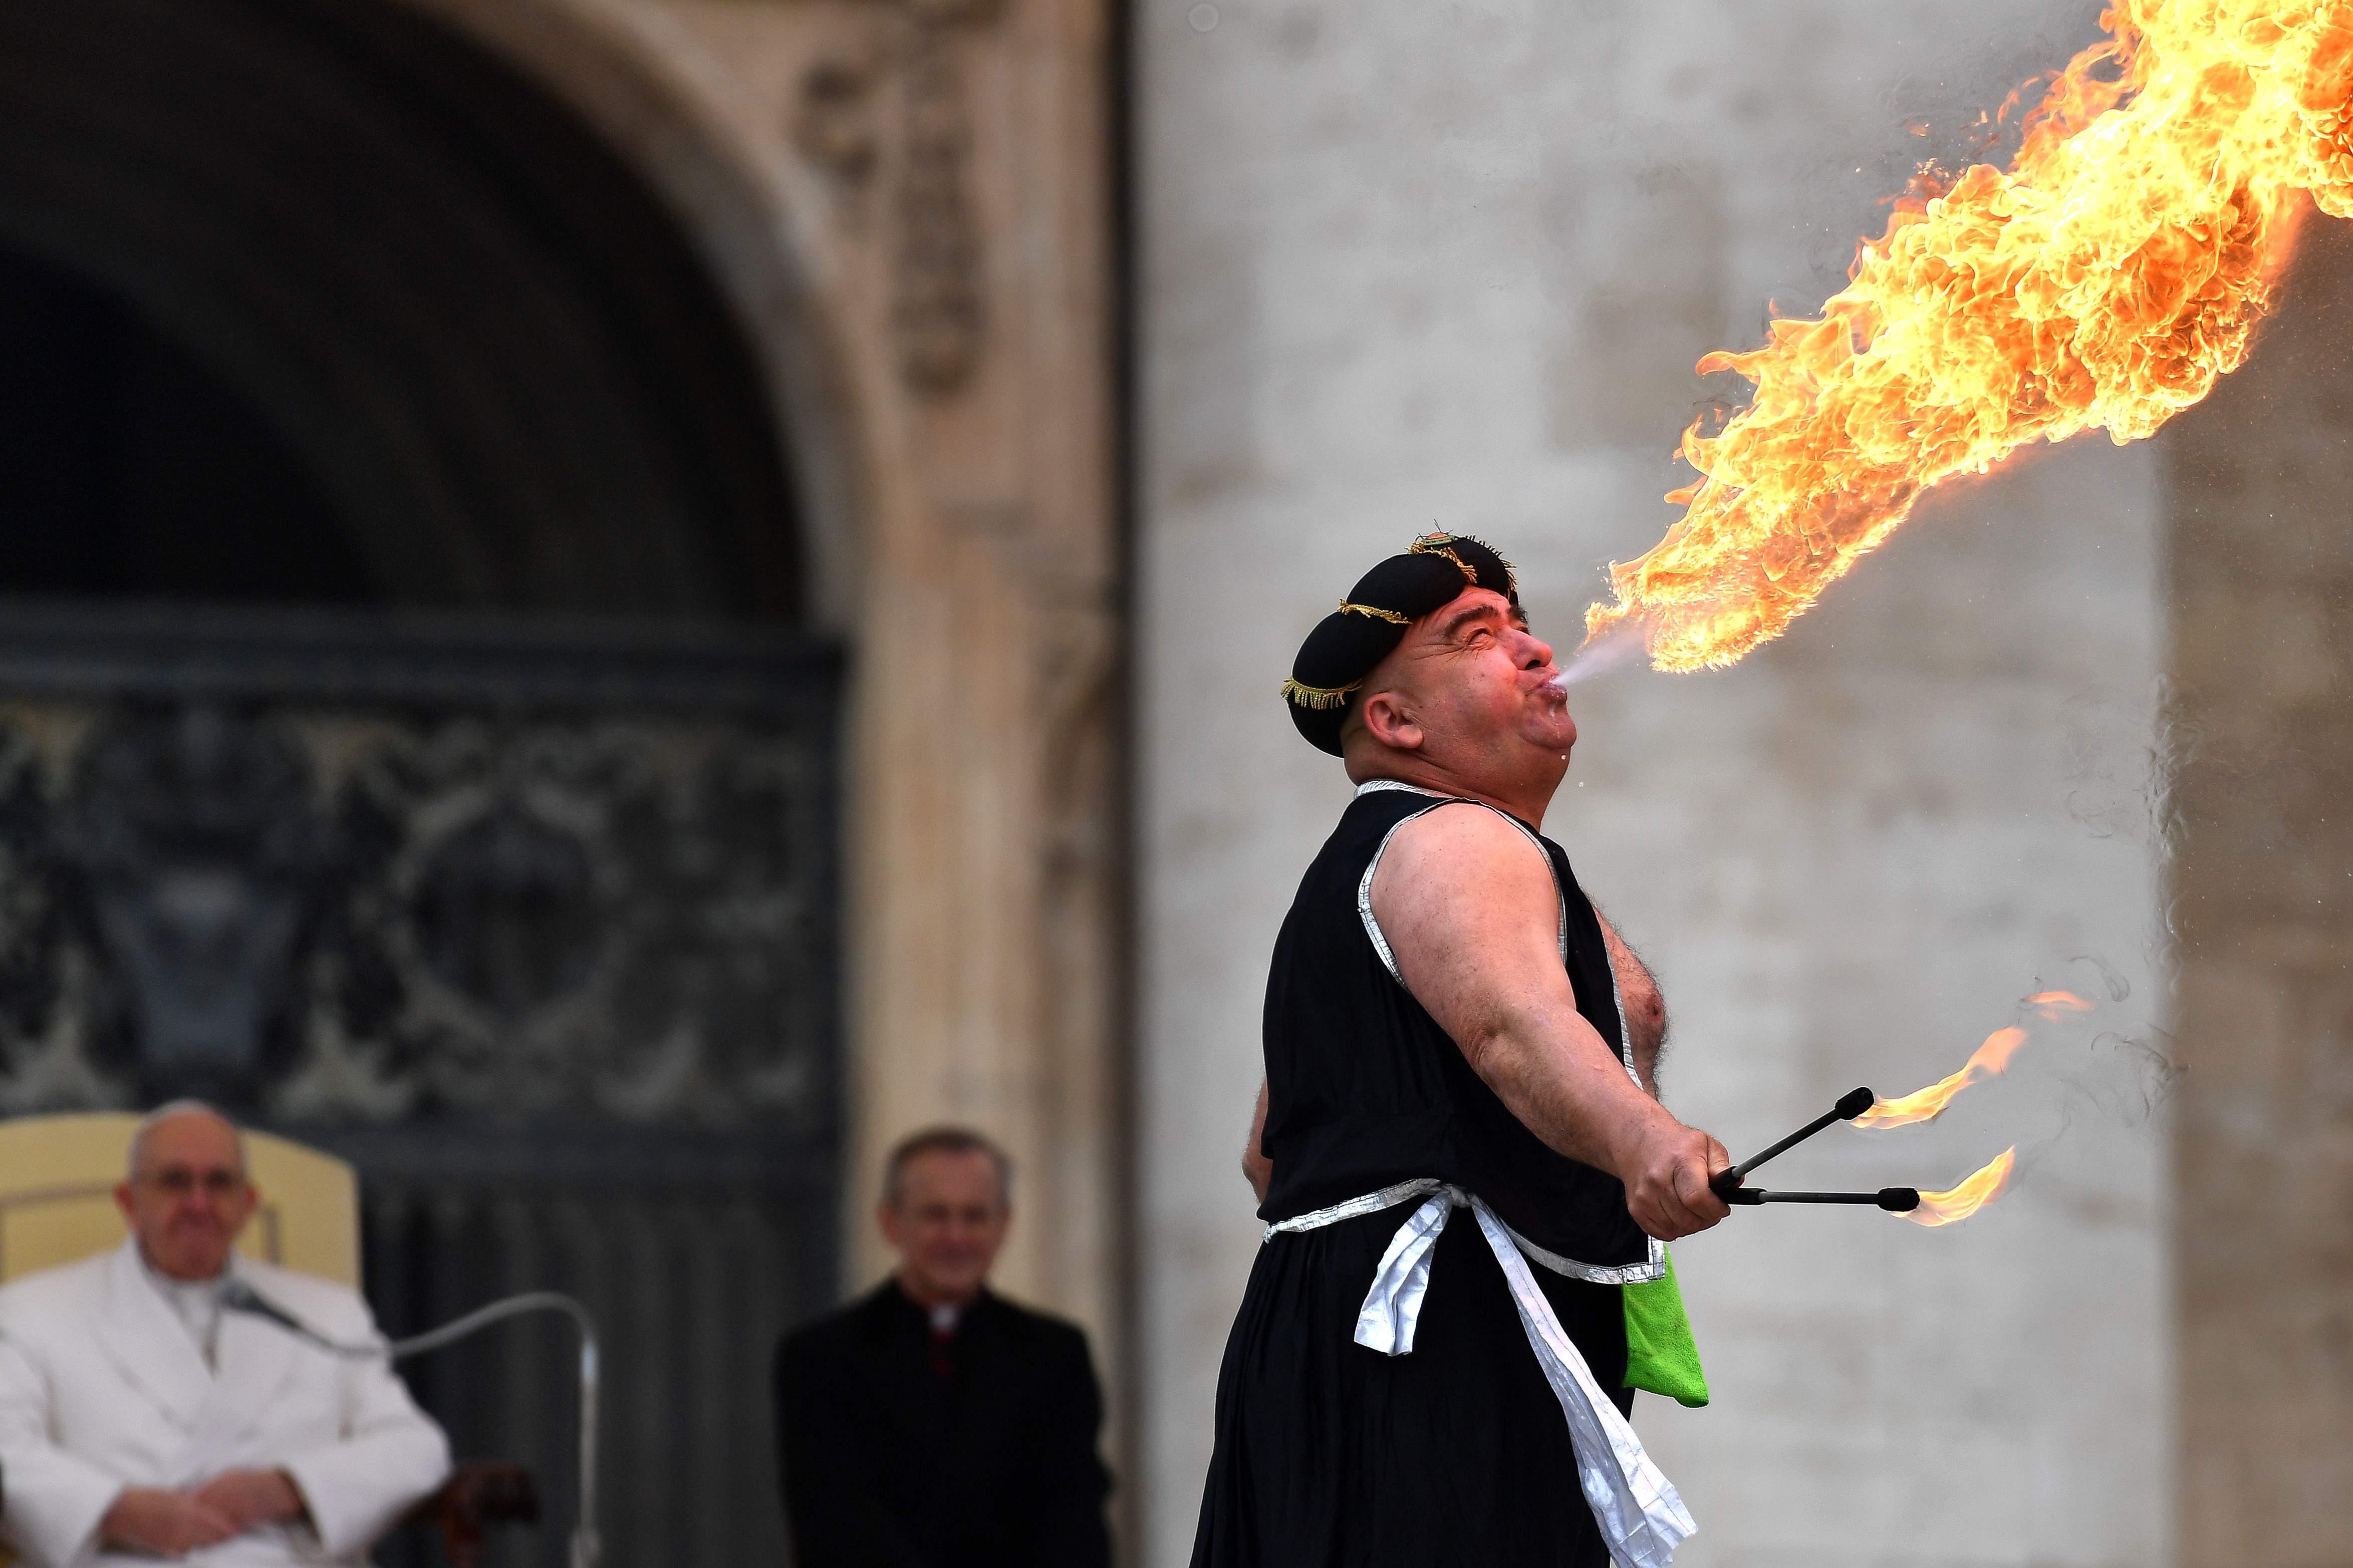 اللعب بالنار خلال لقاء بابا الفاتيكان - أ ف ب